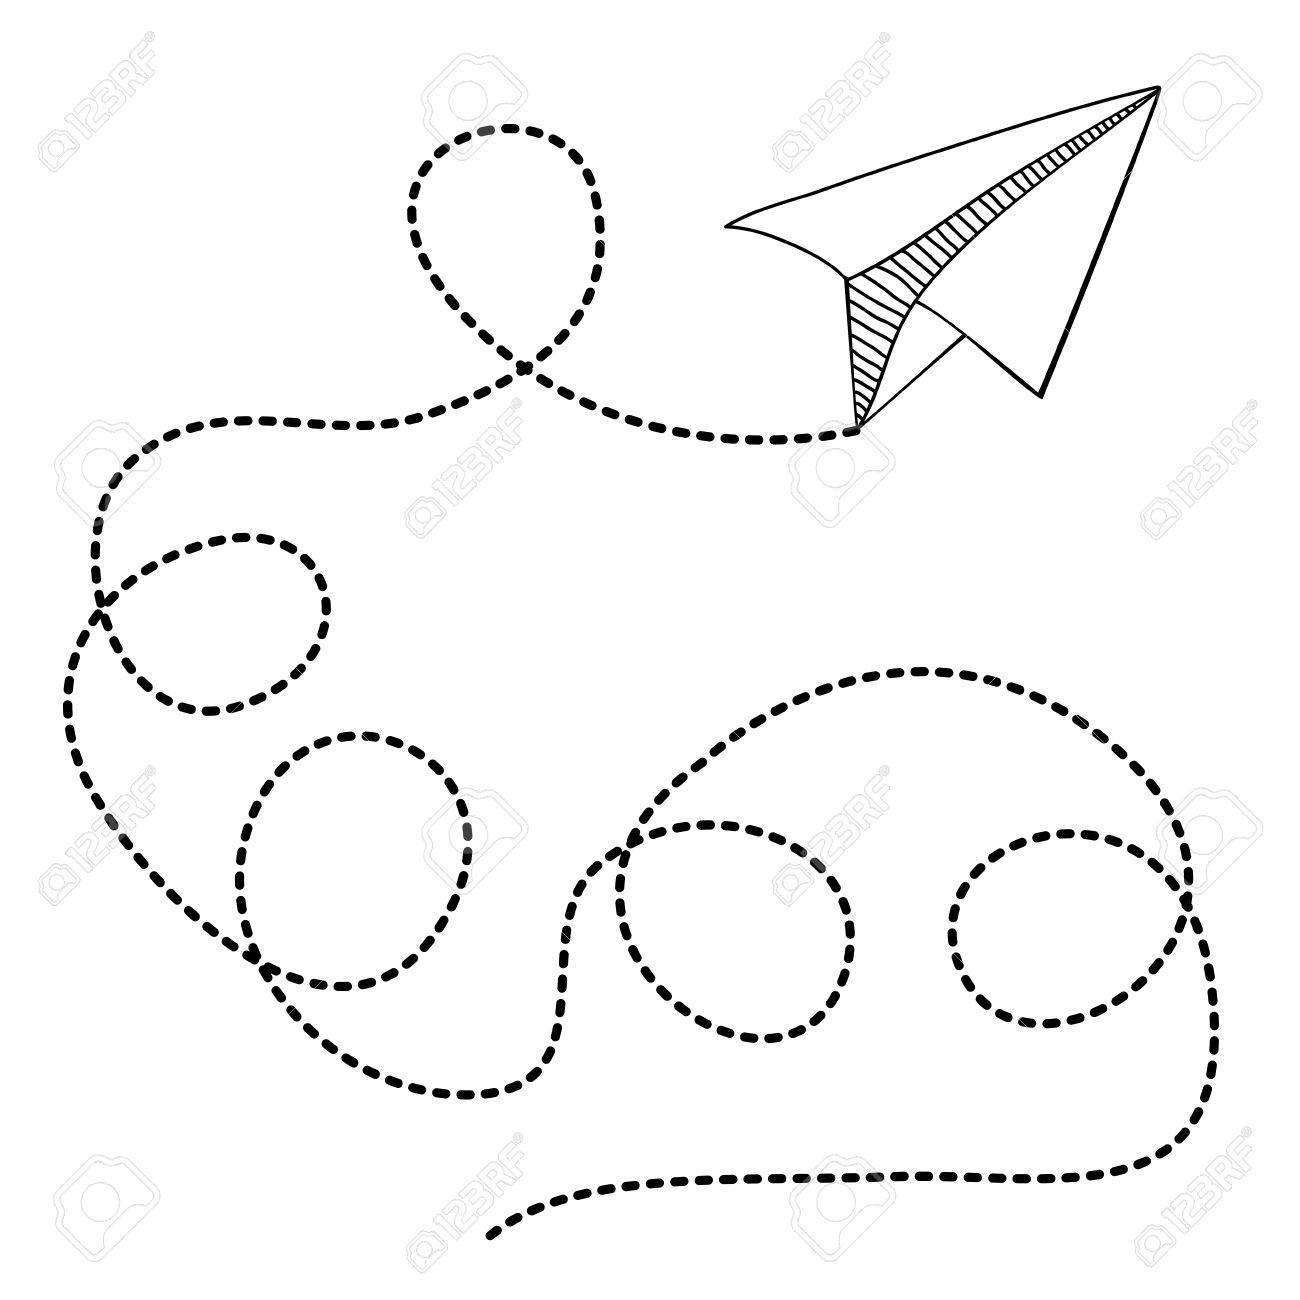 Papierflugzeug Design Auf Weißem Hintergrund, Vektor-Illustration ...